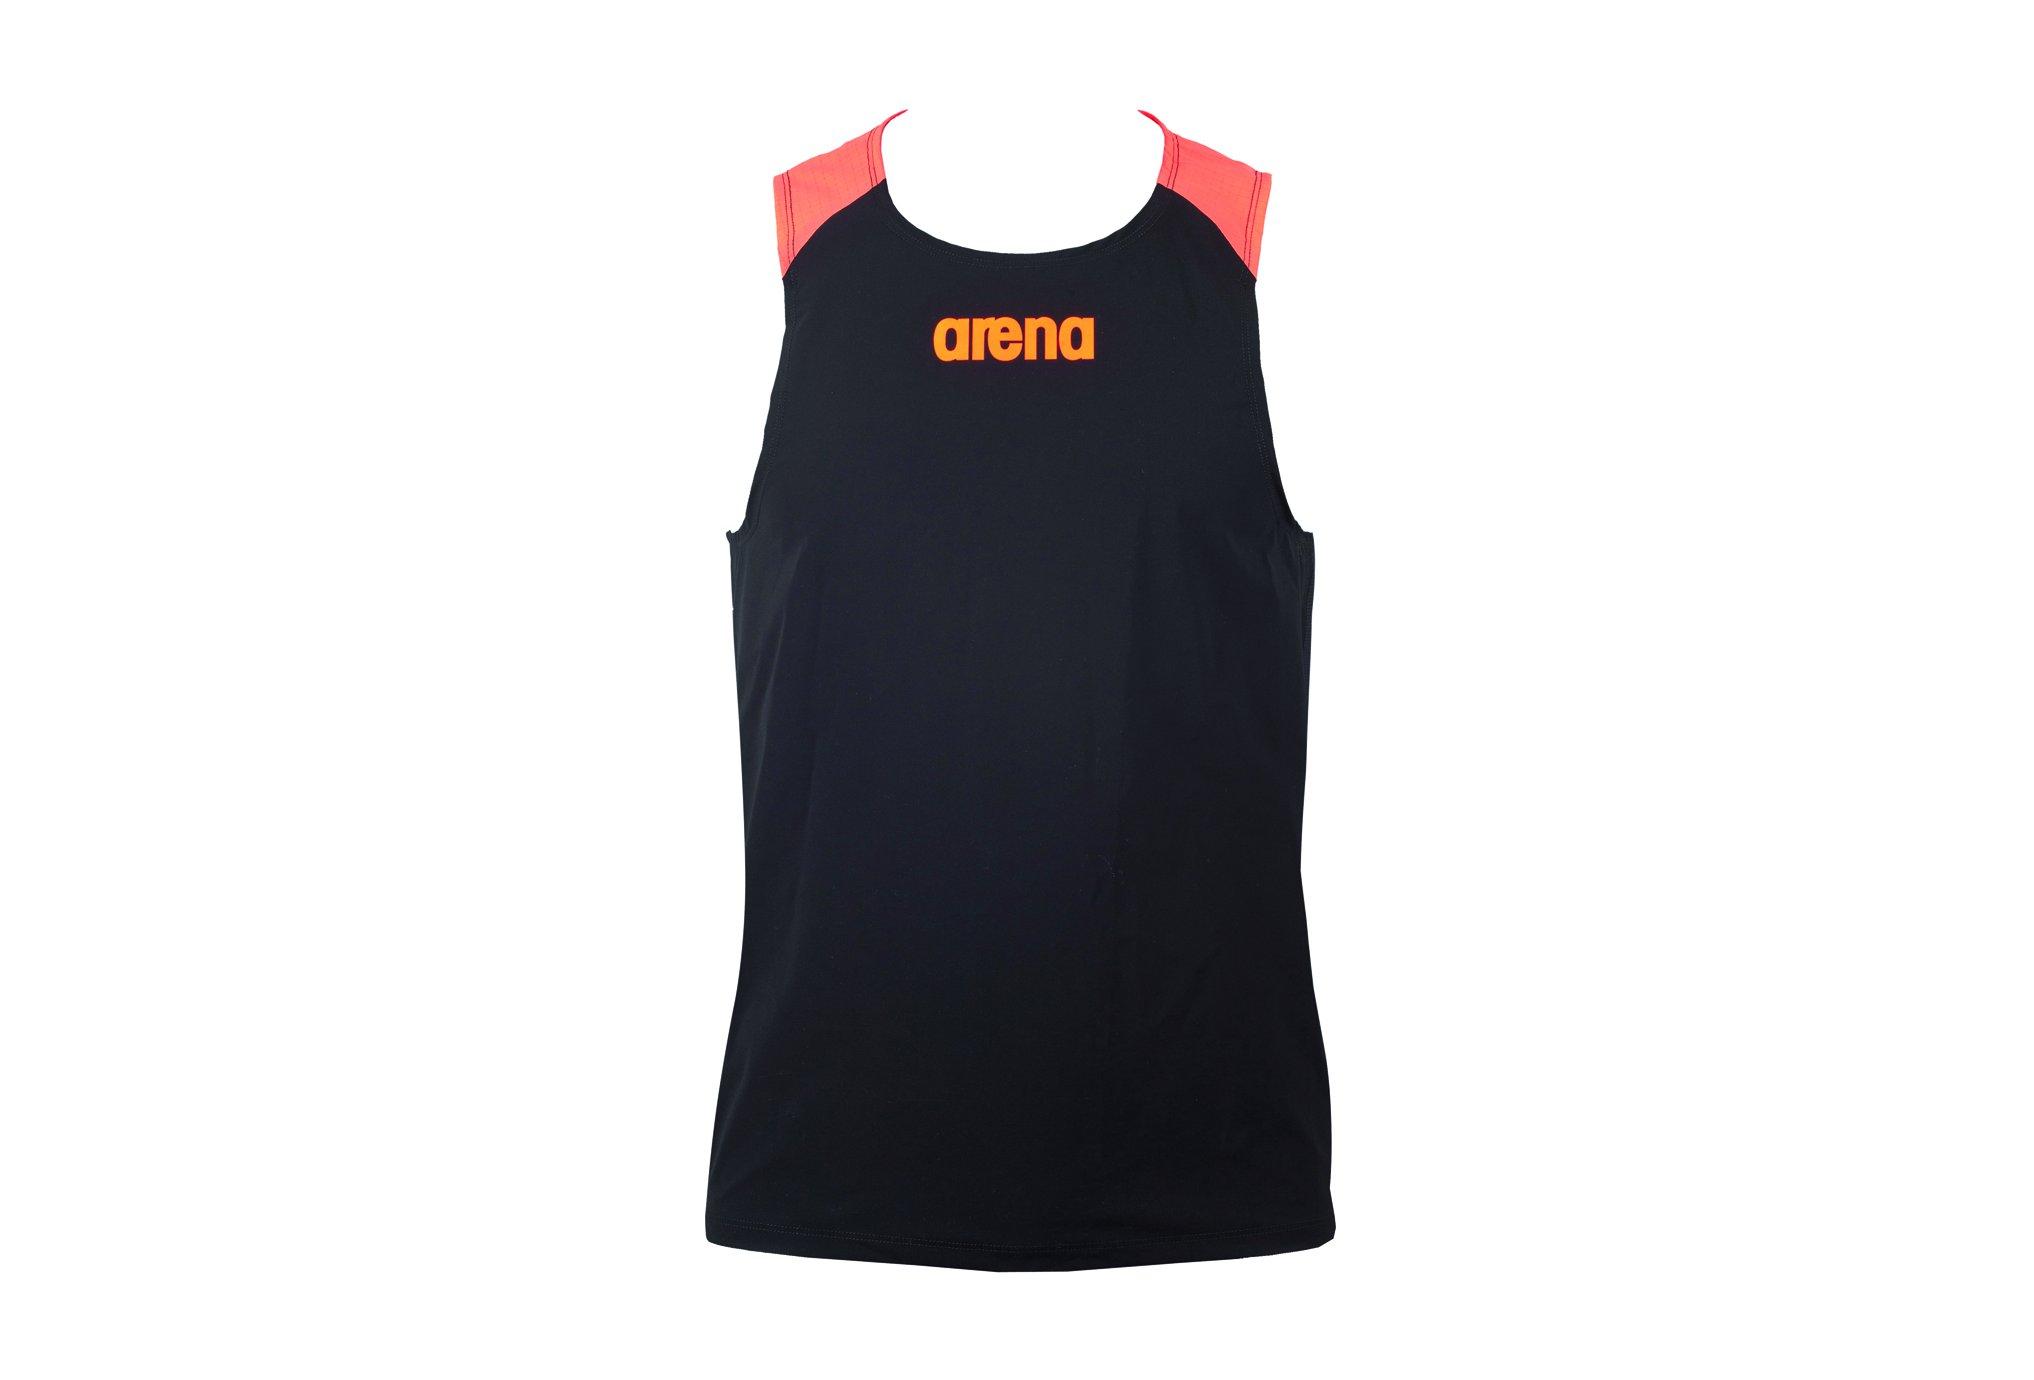 Arena Carbo pro tri m diététique vêtements homme